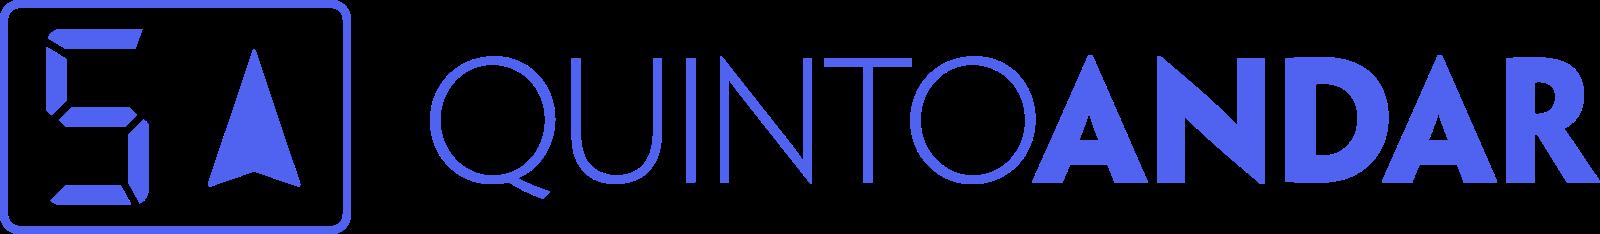 quintoandar-logo-2